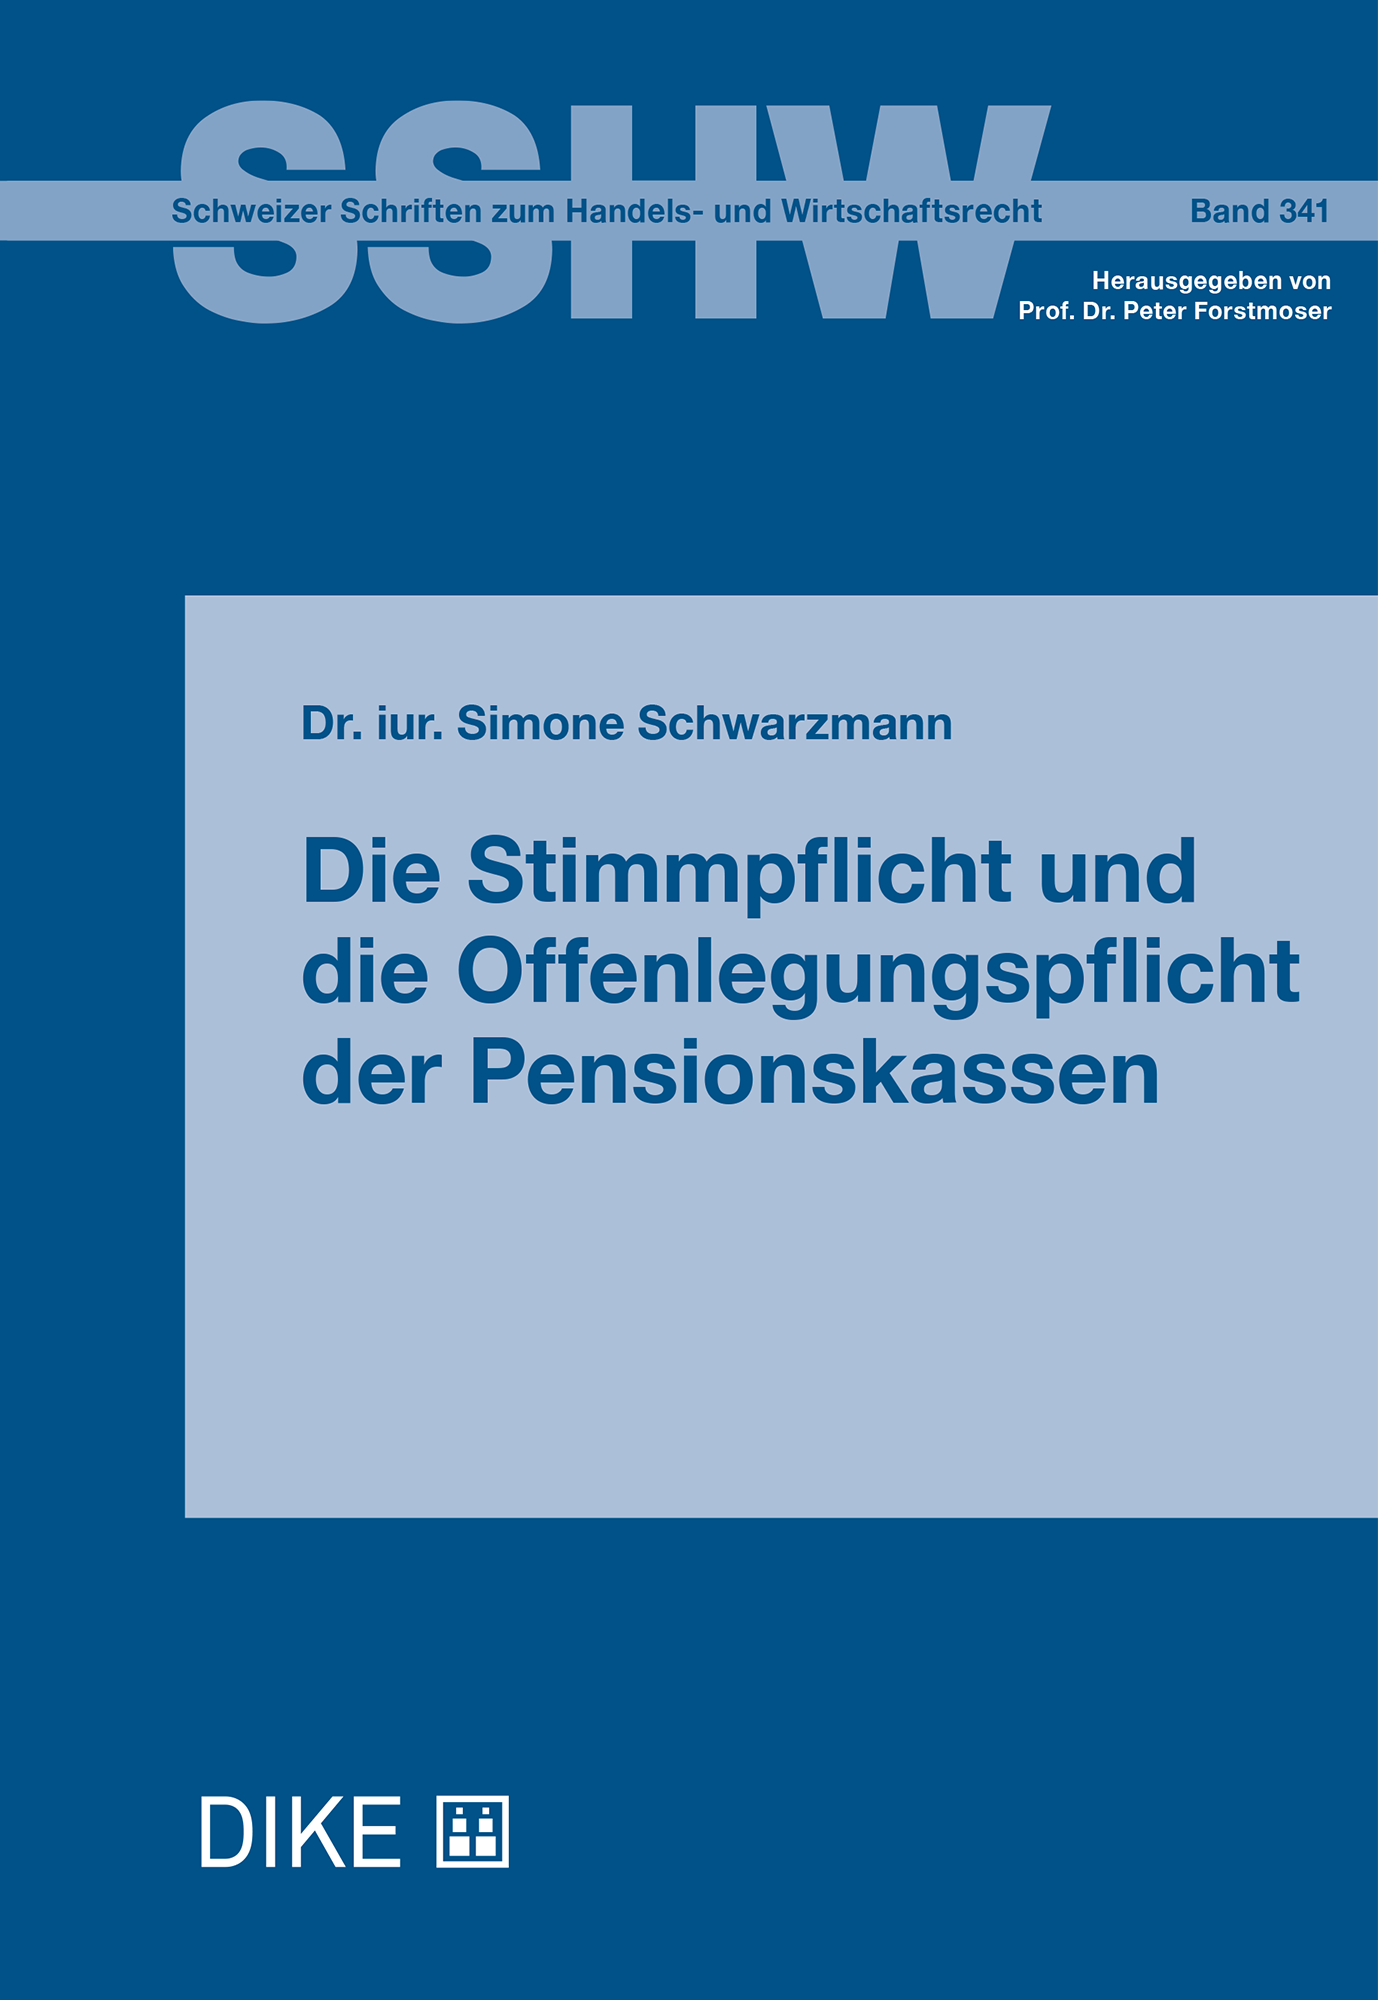 Die Stimmpflicht und die Offenlegungspflicht der Pensionskassen